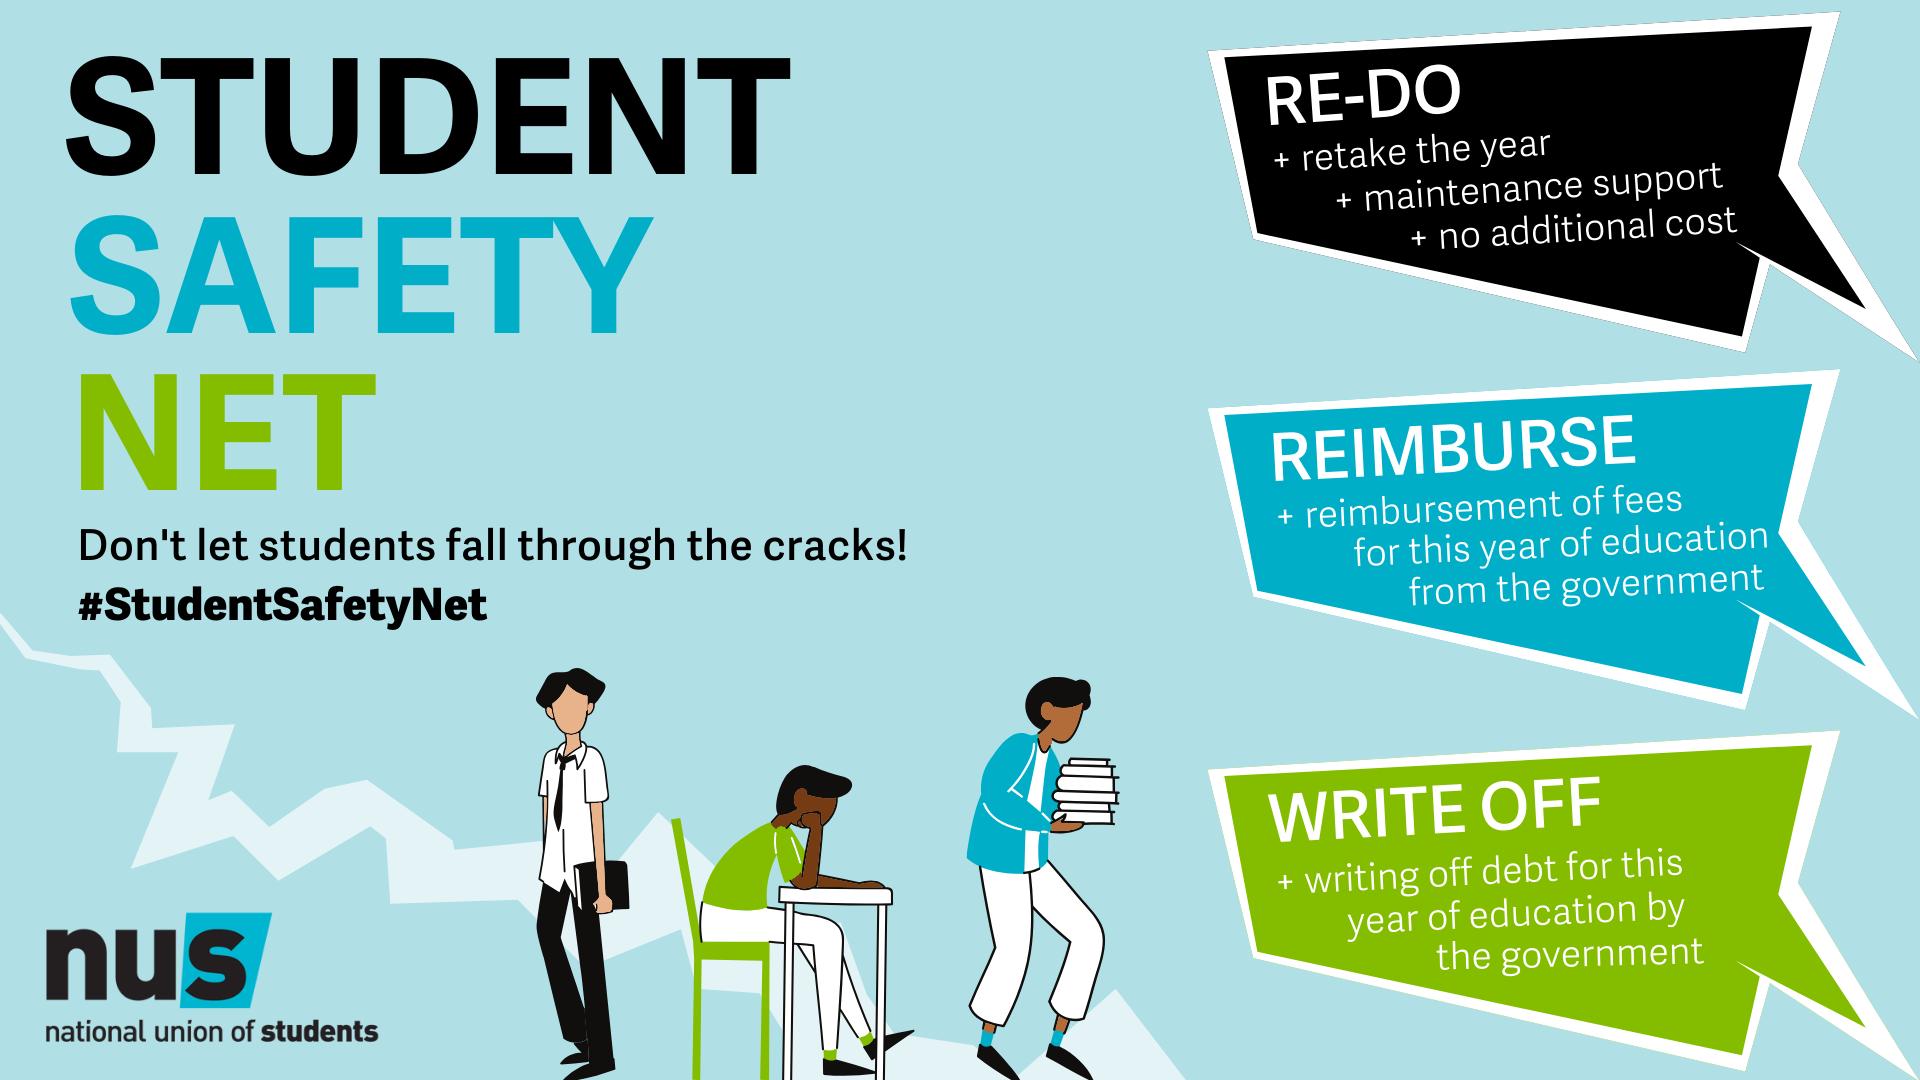 Student safety net 2